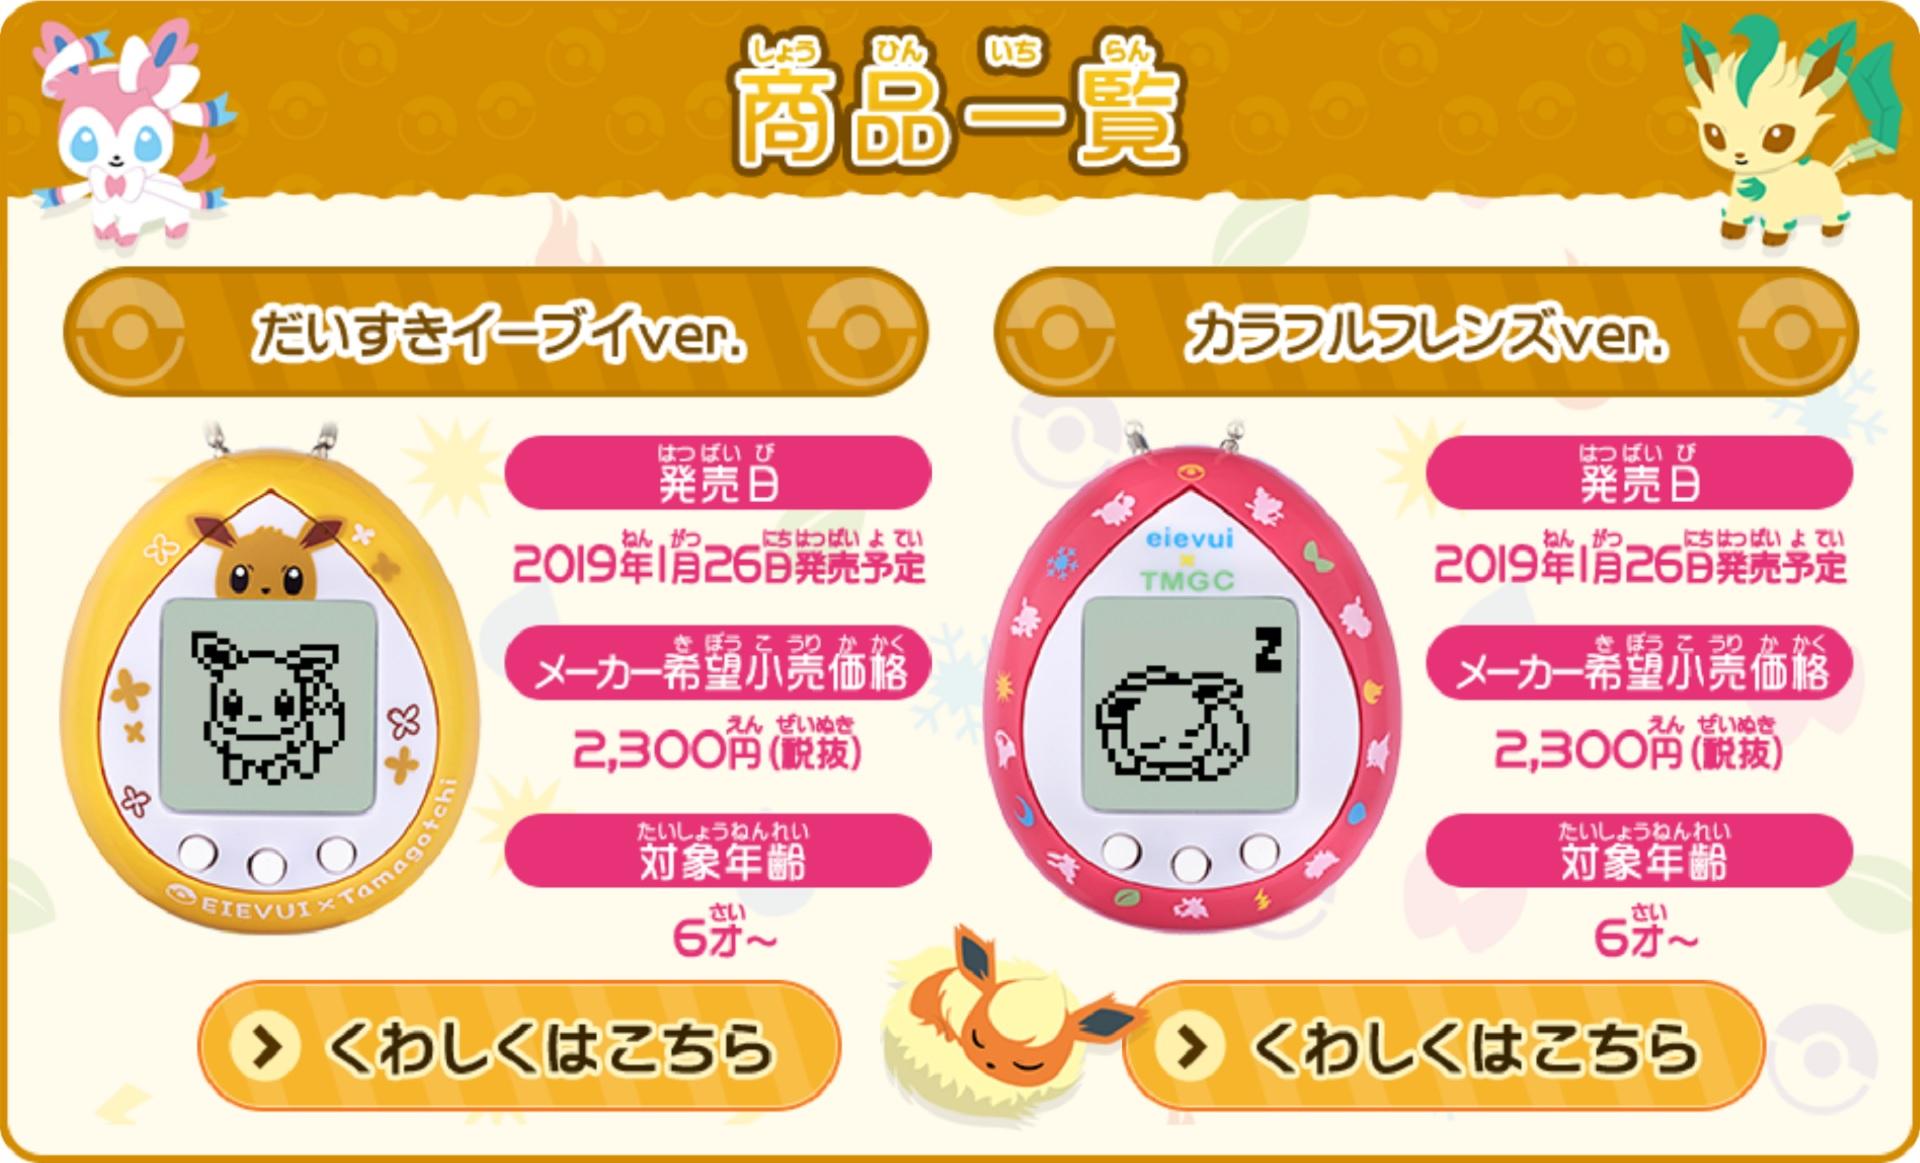 El Tamagotchi de Pokémon tiene dos ediciones: Color Friends y I Love Eevee